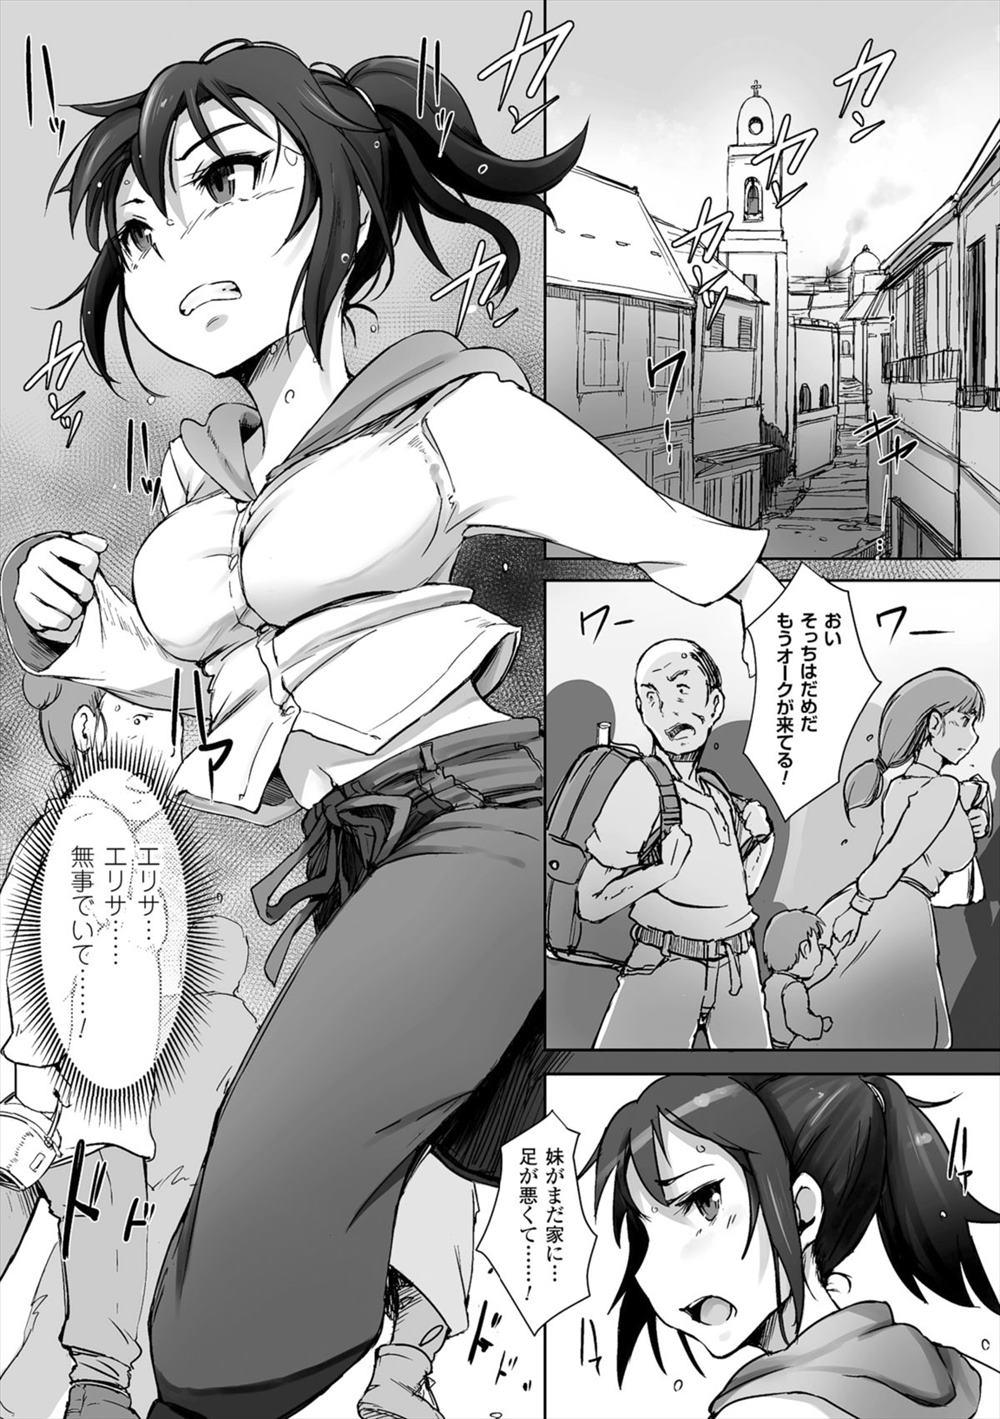 【エロ漫画】女がオークに見つかれば犯されてしまう…妹を助けに来た姉も見つかり極太チンポに貫かれ陵辱レイプ…